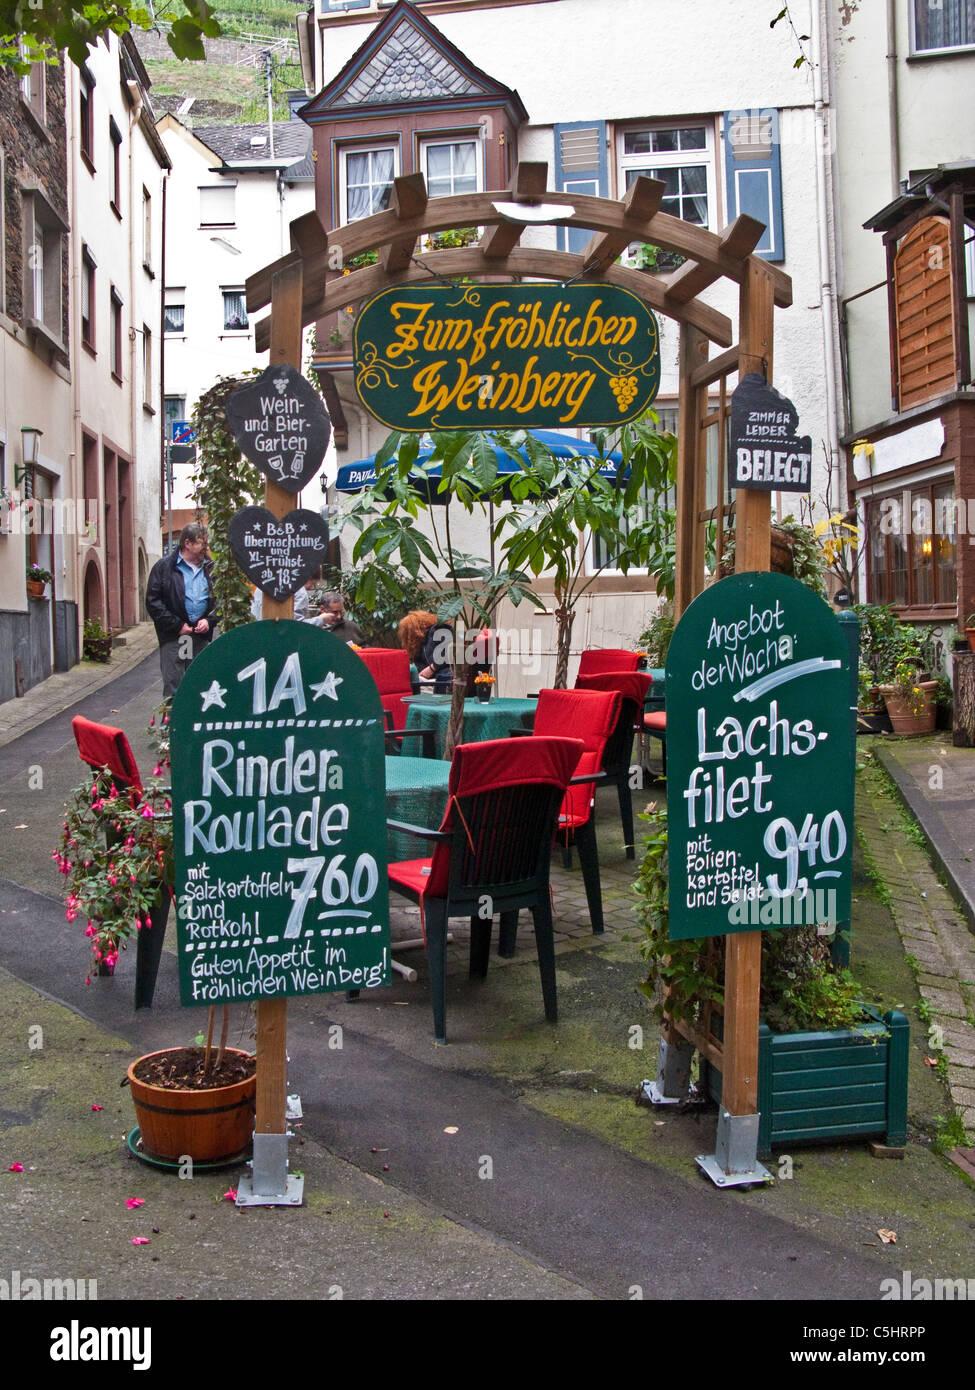 Zum froehlichen Weinberg, Strassenrestaurant in der Ortsmitte von Zell, Restaurant in the center of the village - Stock Image